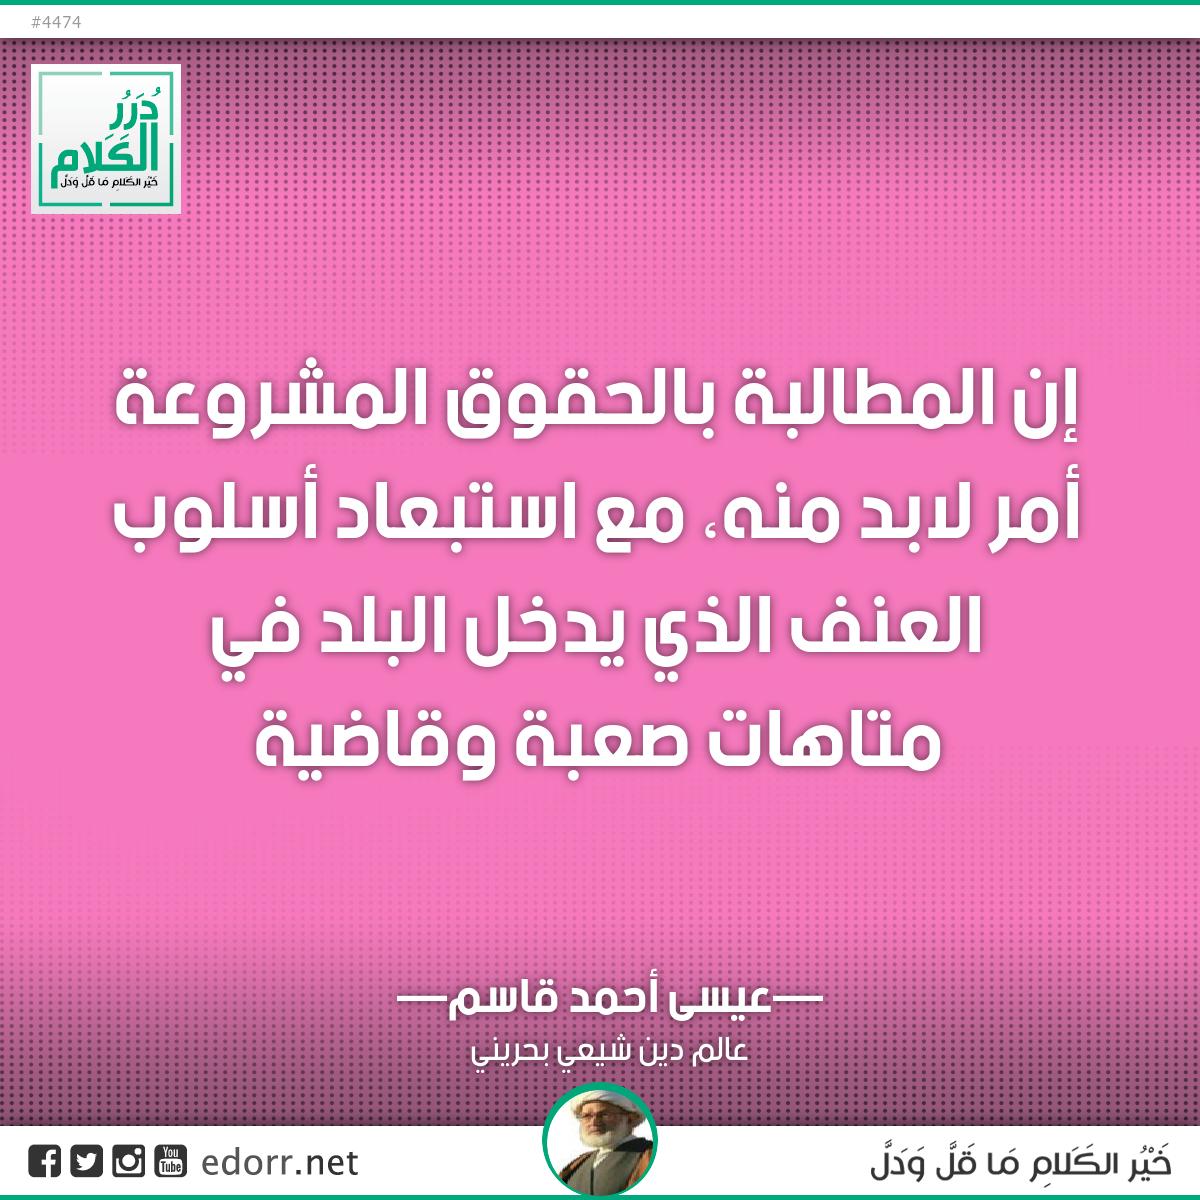 إن المطالبة بالحقوق المشروعة أمر لابد منه، مع استبعاد أسلوب العنف الذي يدخل البلد في متاهات صعبة وقاضية.